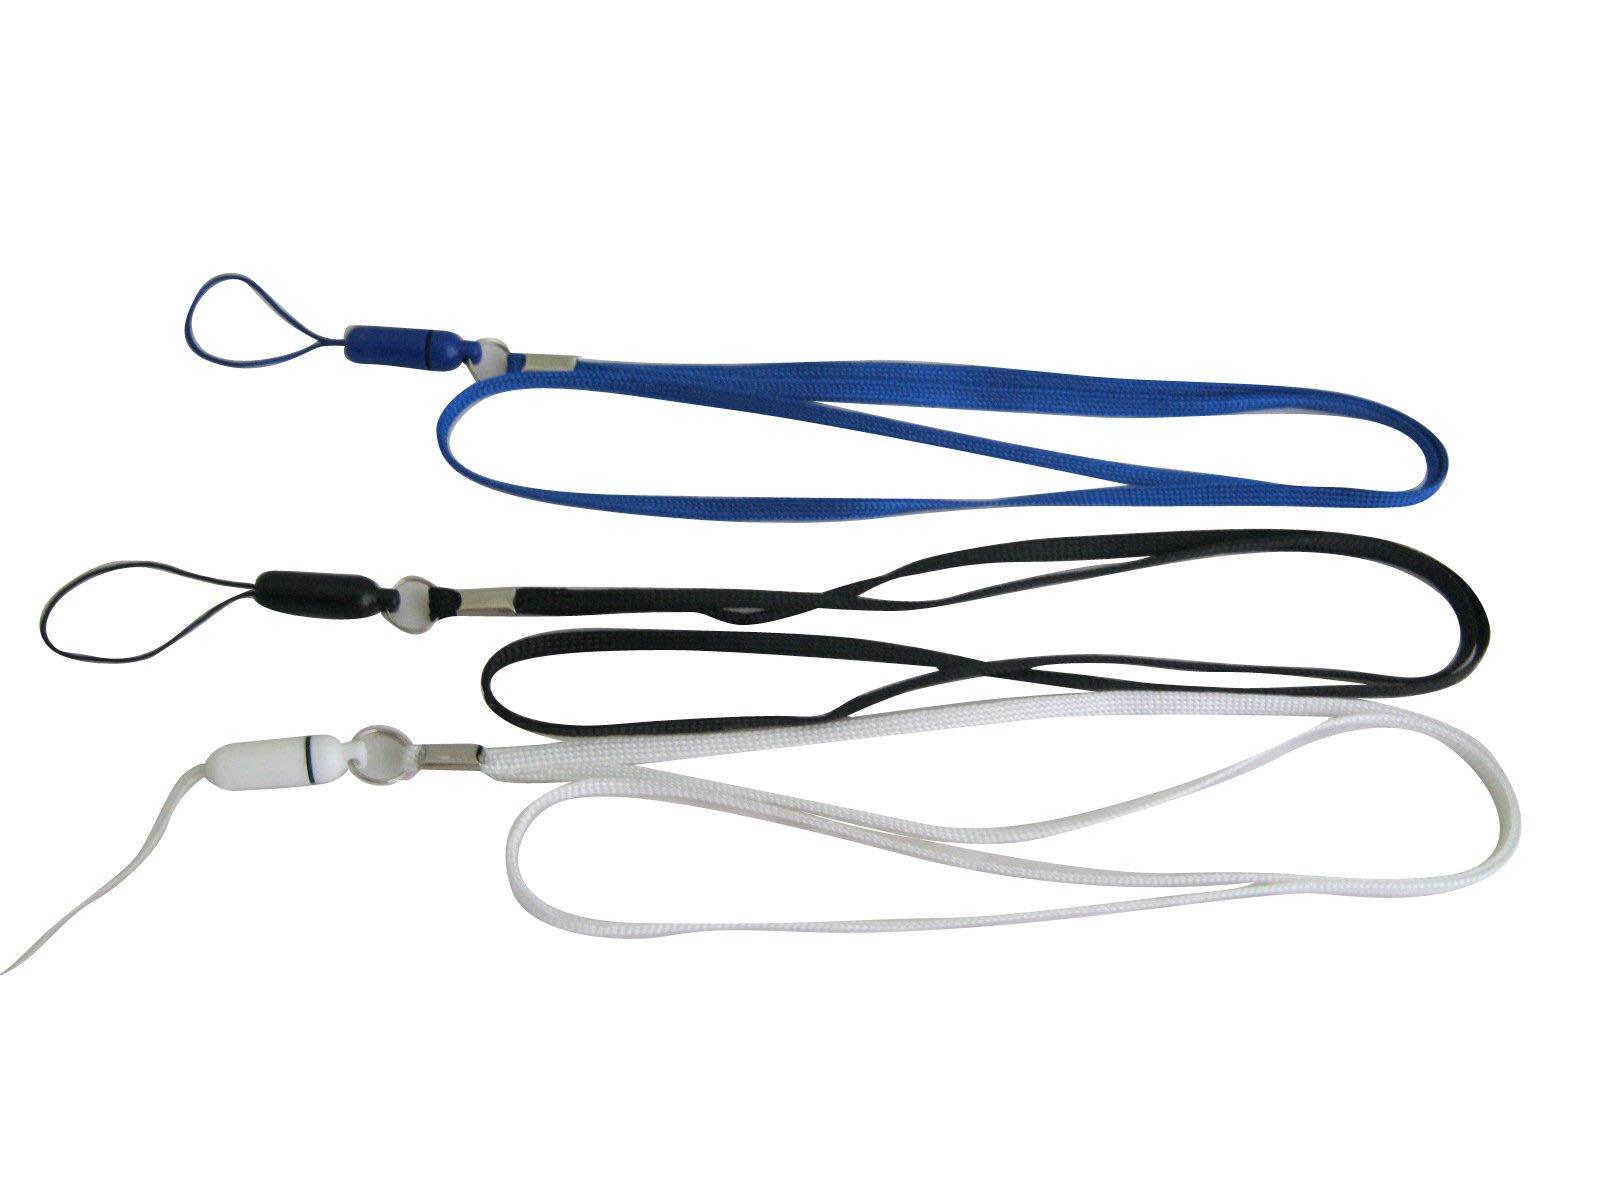 SAFEHOME 子彈造型 名牌頸掛繩 手機頸繩 手機頸掛繩 相機頸繩 頸吊繩 頸掛繩  37公分長 CPA018